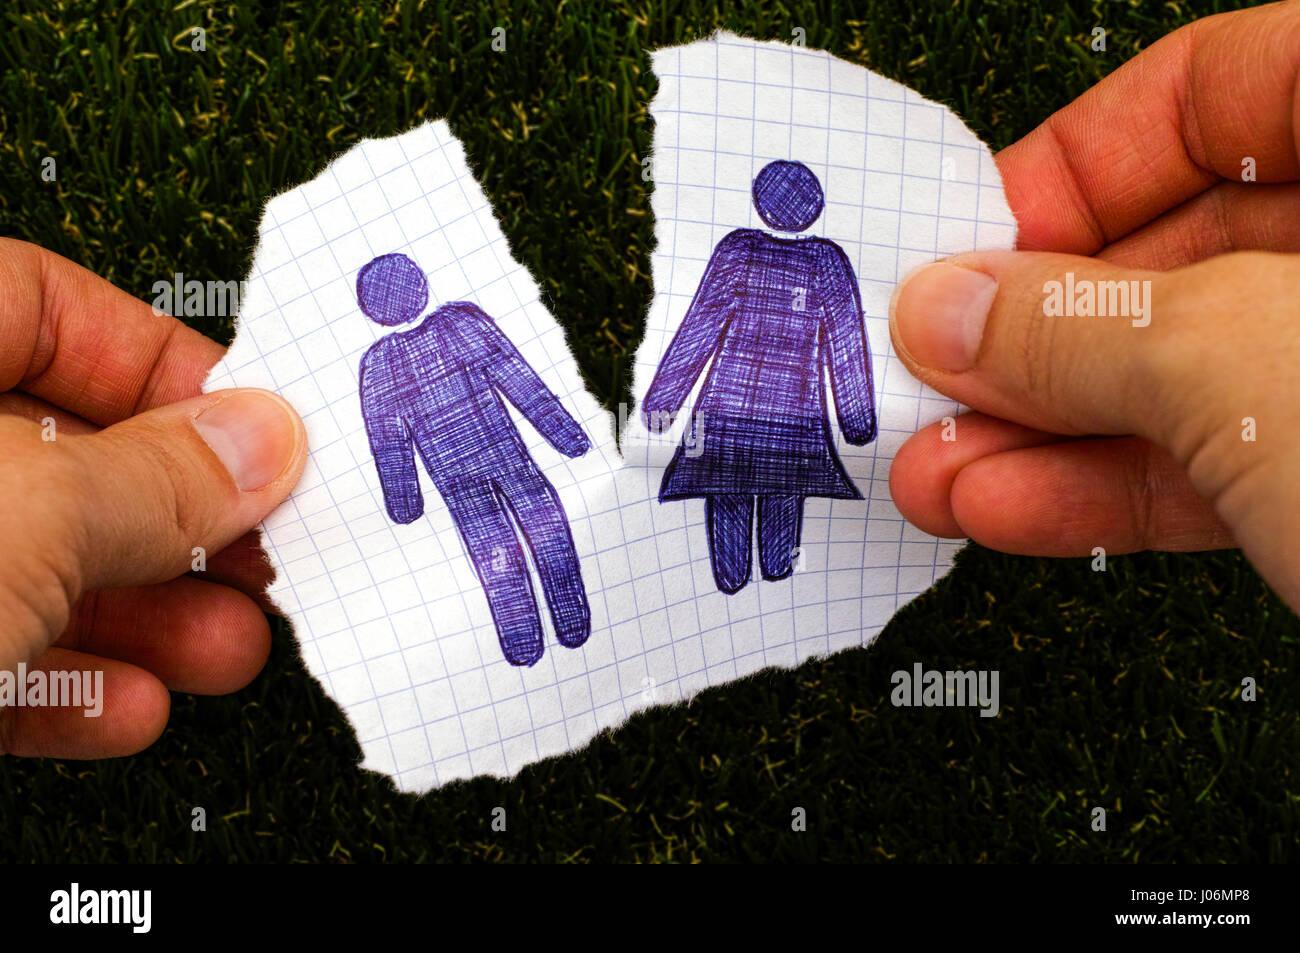 Persona manos ripping pedazo de papel dibujado a mano con figuras de hombre y mujer. Fondo de pasto. Doodle estilo. Imagen De Stock